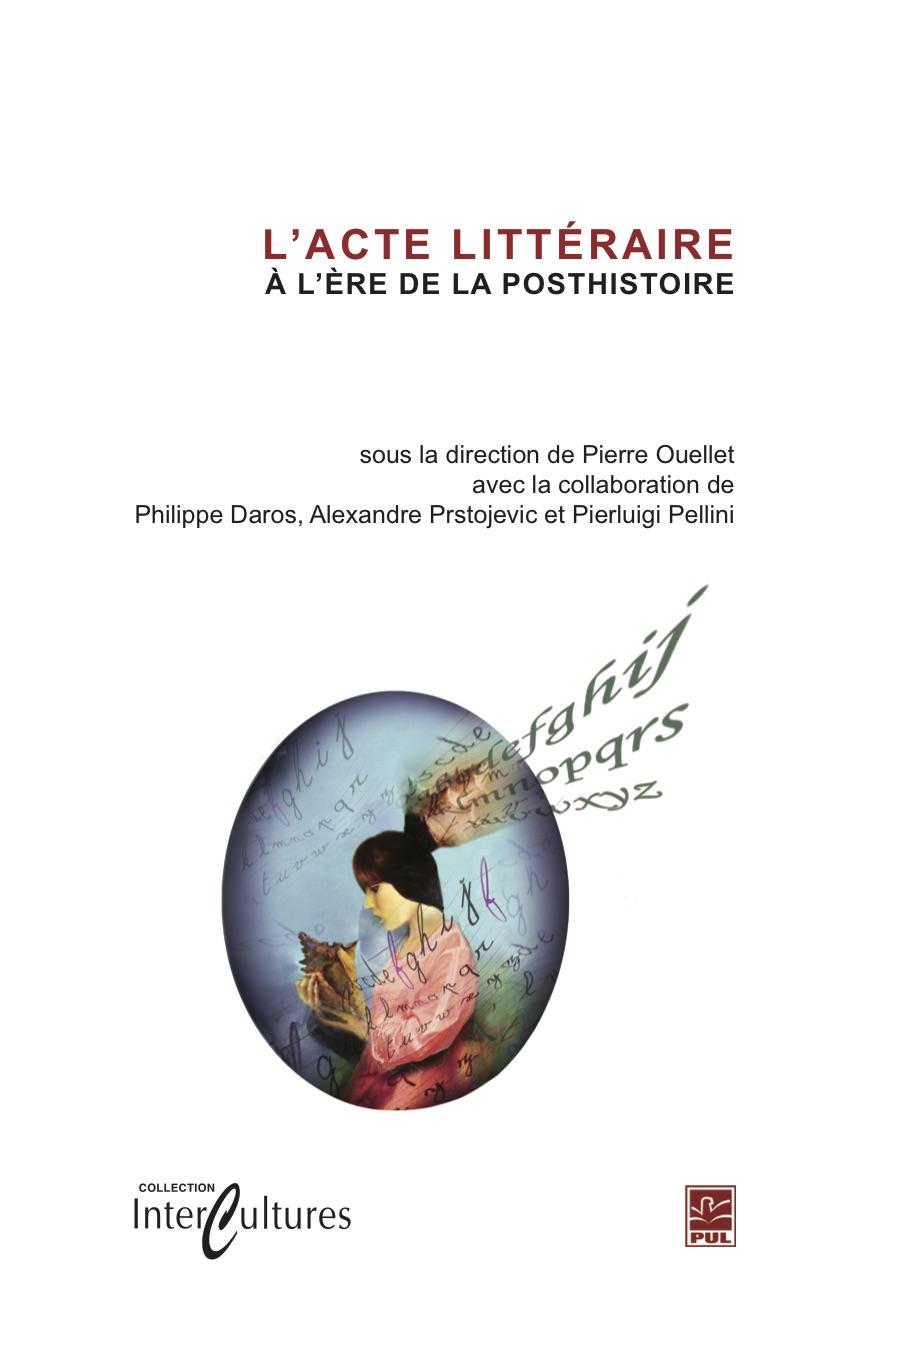 L'Acte littéraire à l'ère de la posthistoire (Pierre Ouellet, dir.)